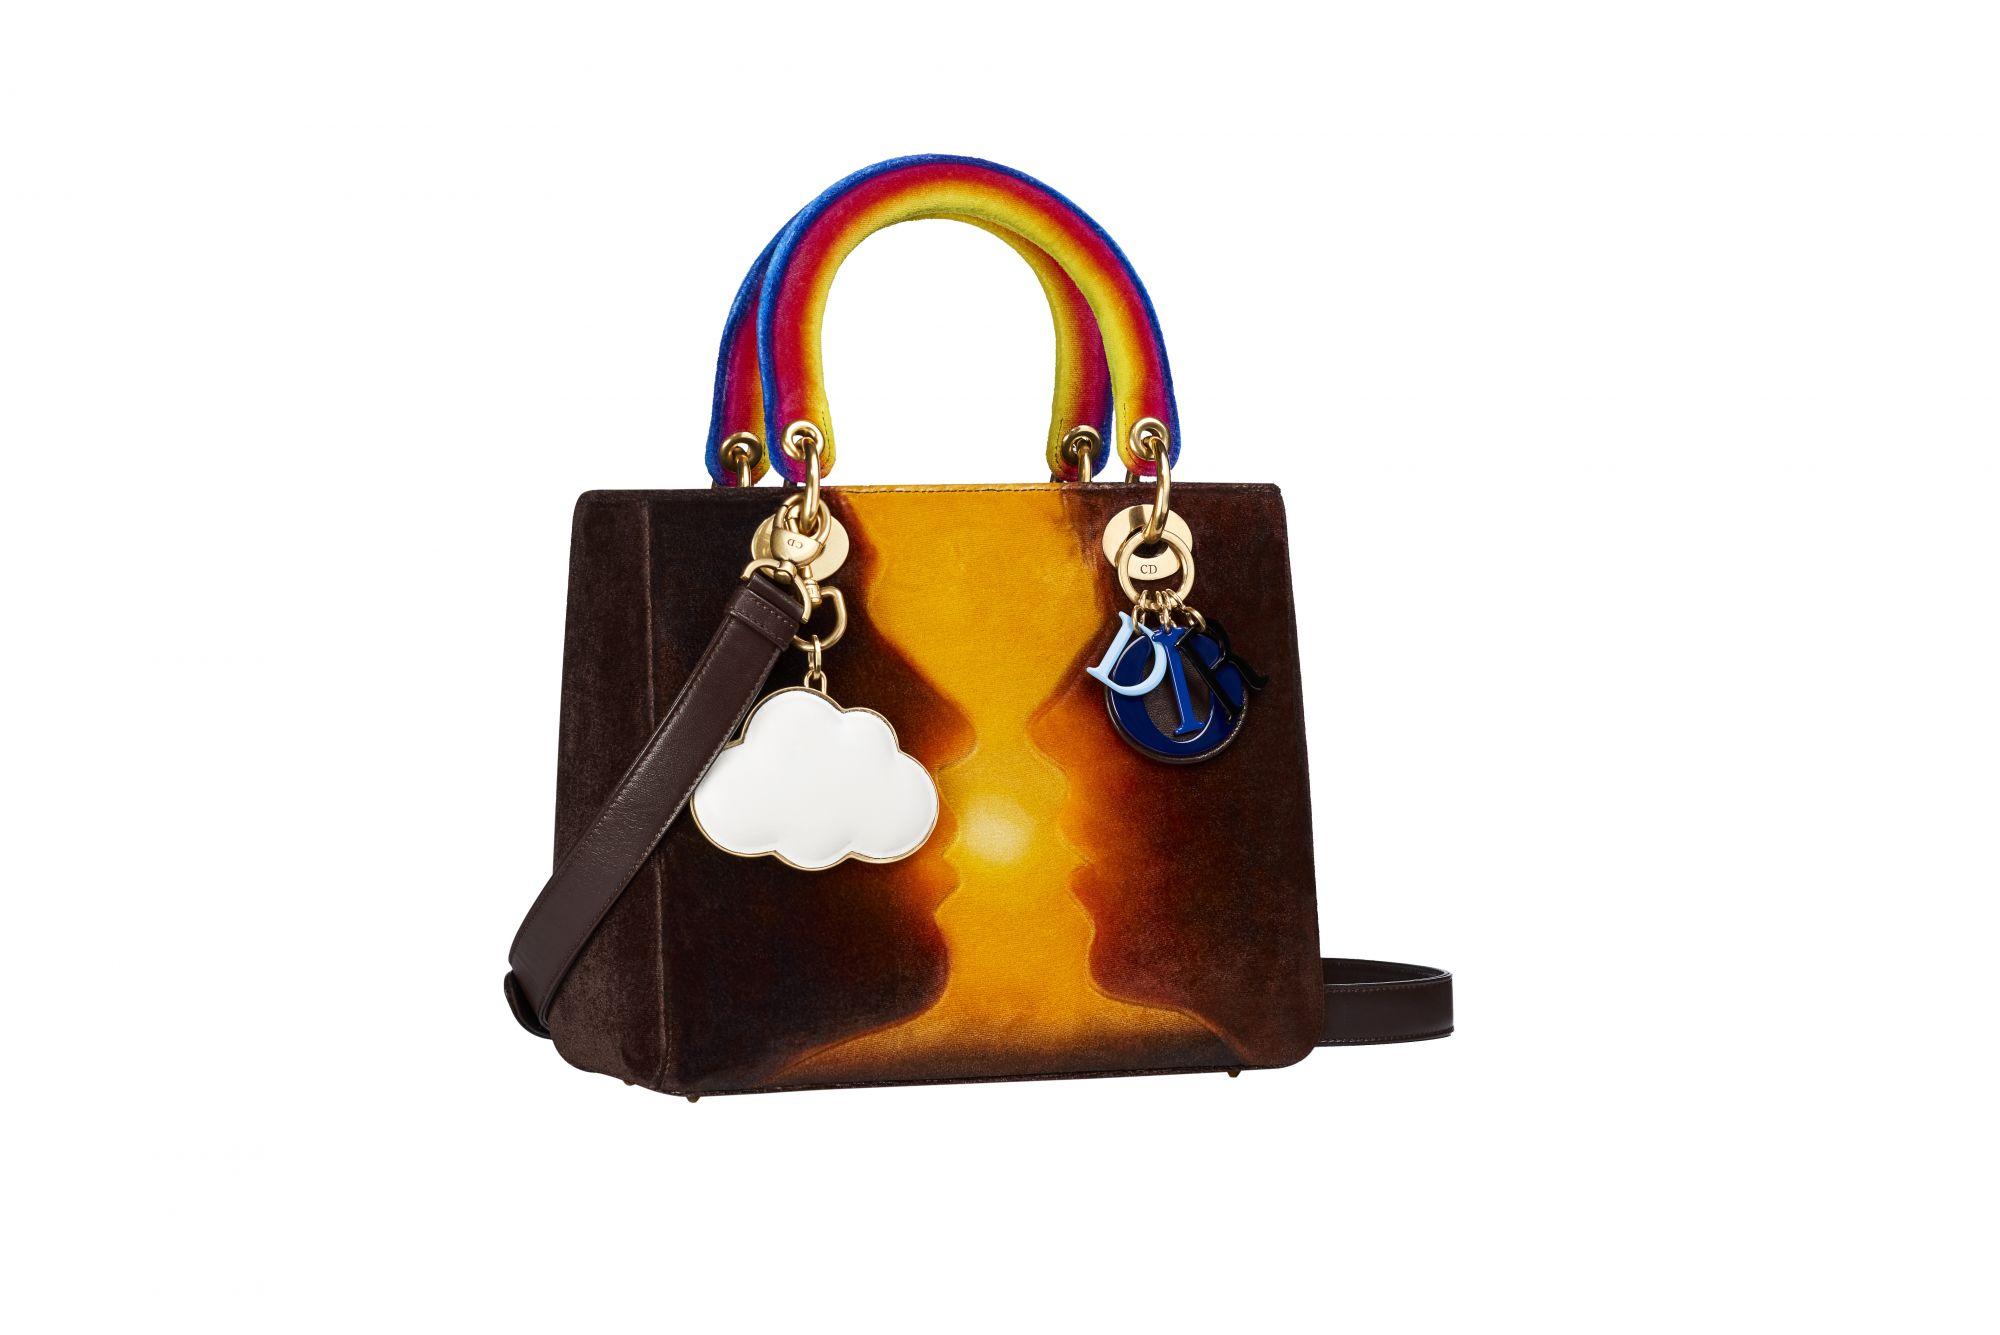 c562246154d The Lady Dior bag designed by Friedrich Kunath - Dior Lady Art #2. Photo